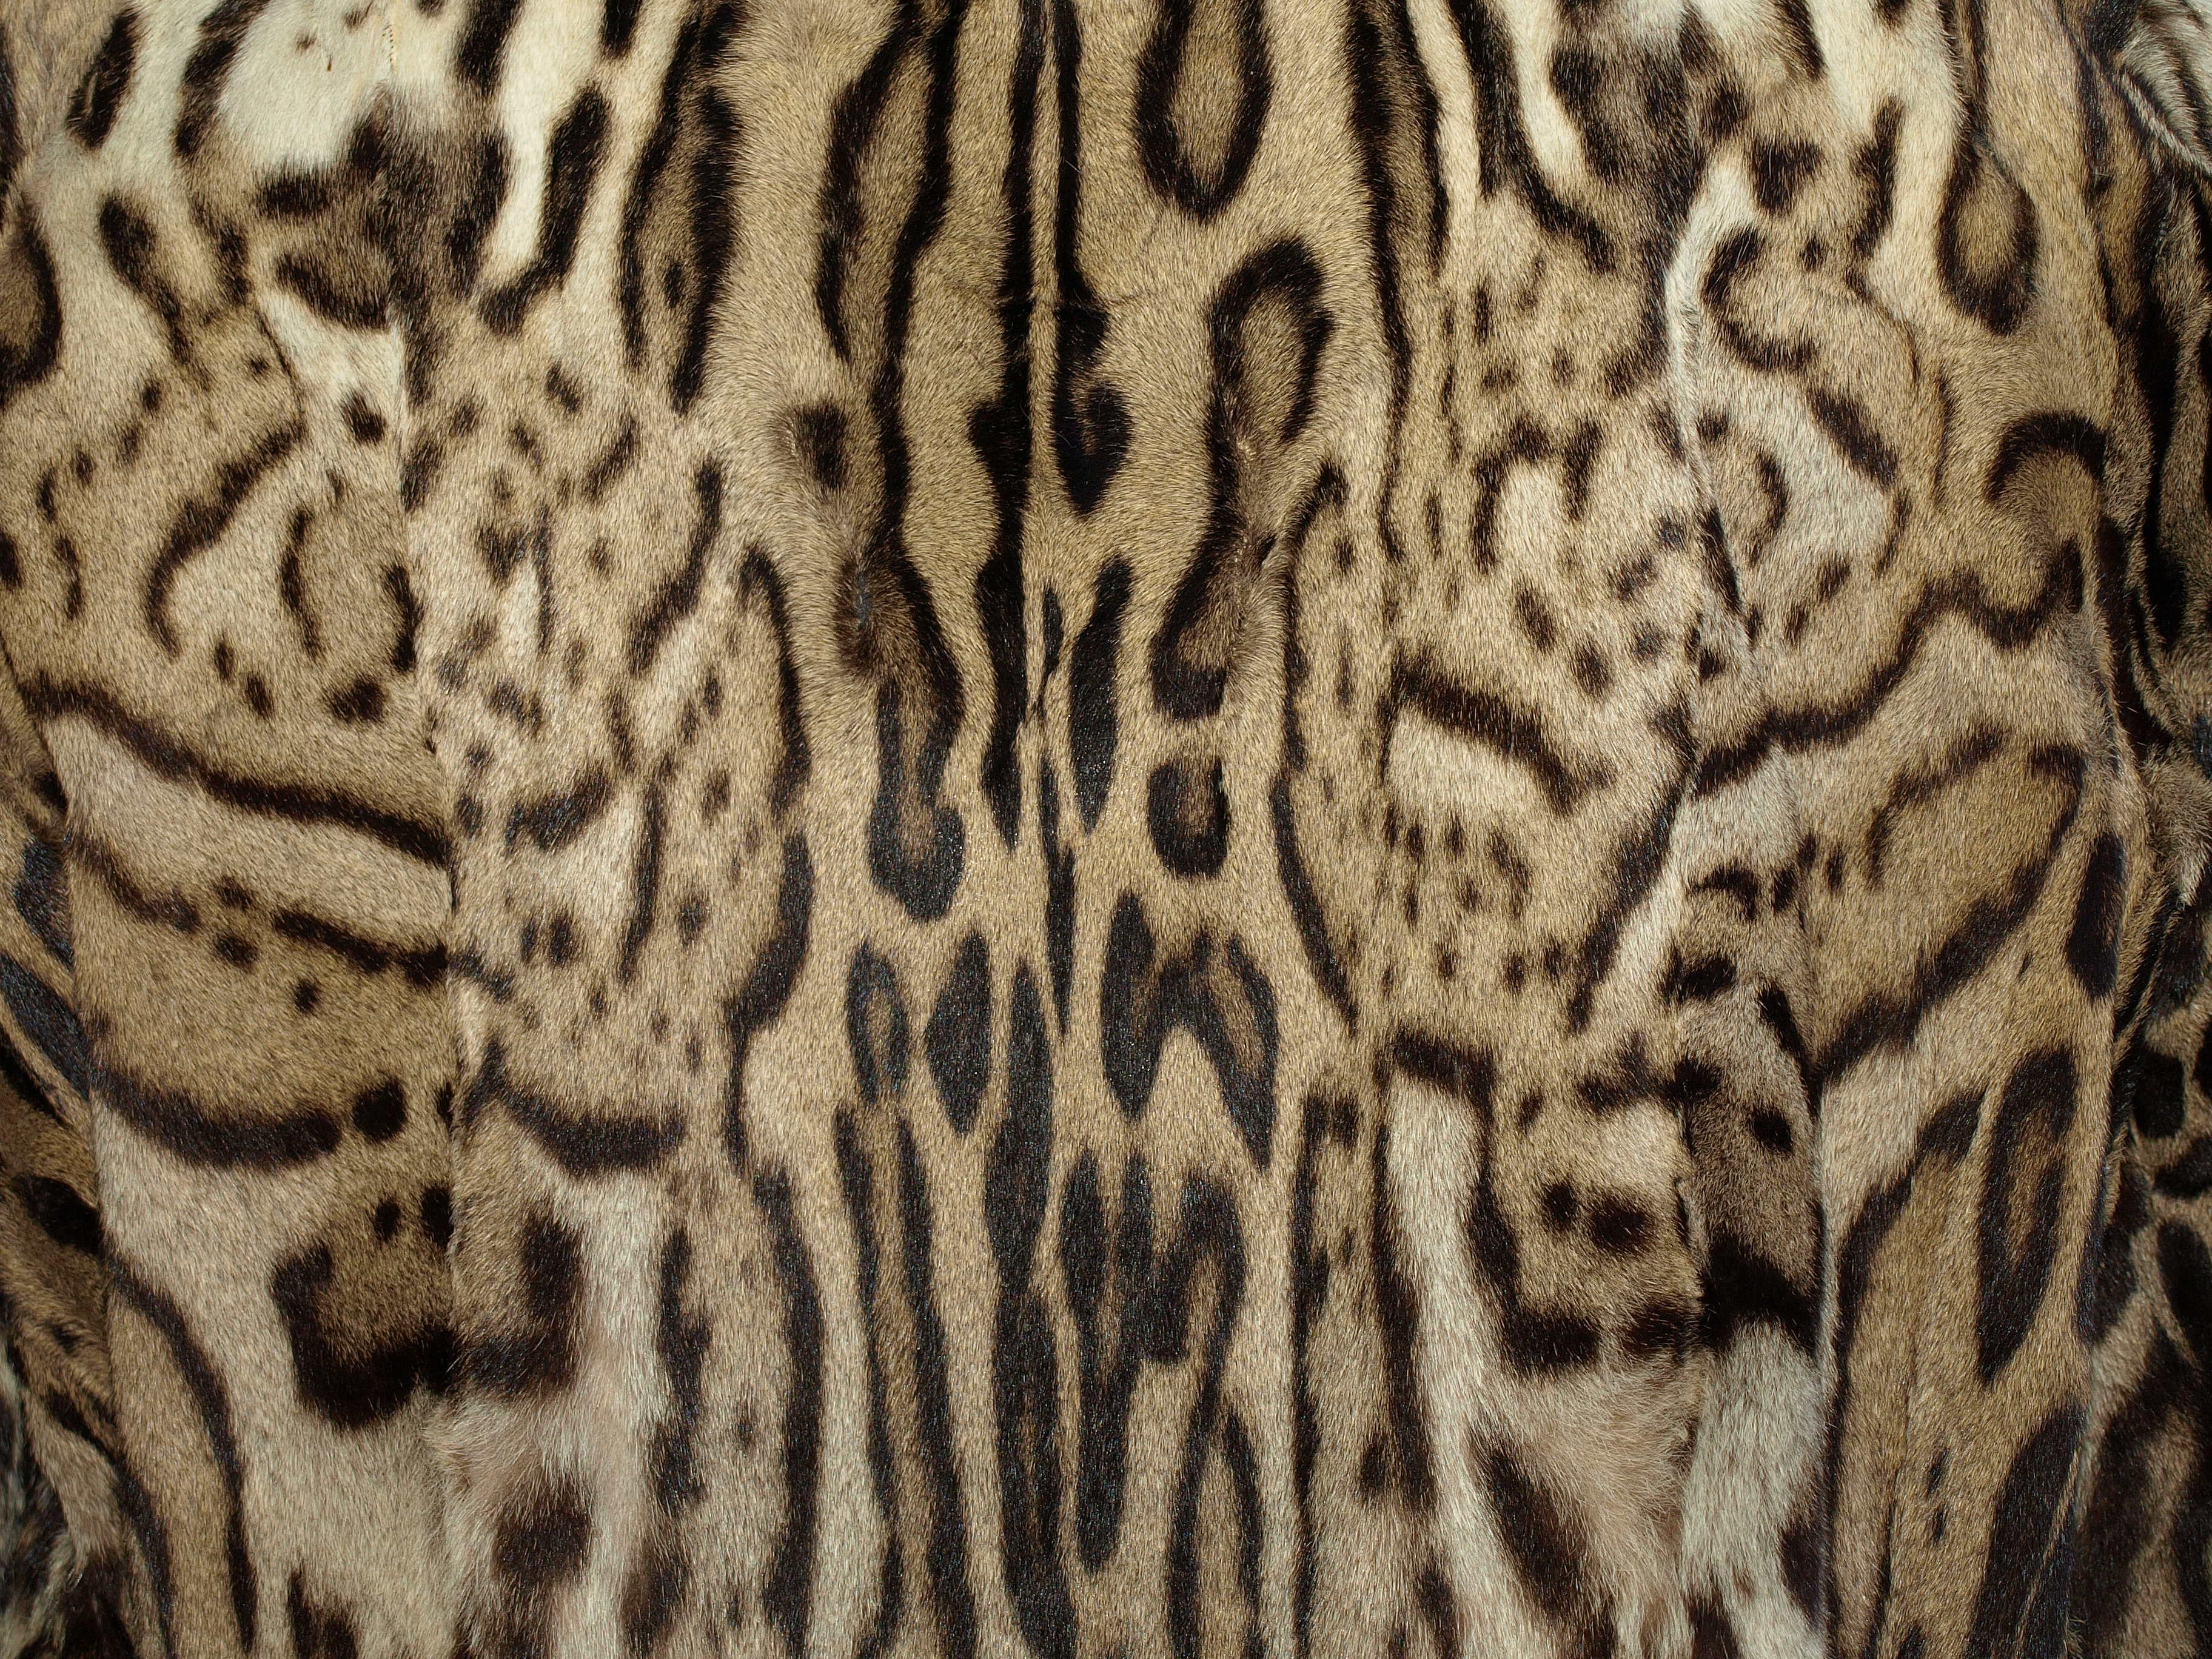 Ocelot Fur Pattern